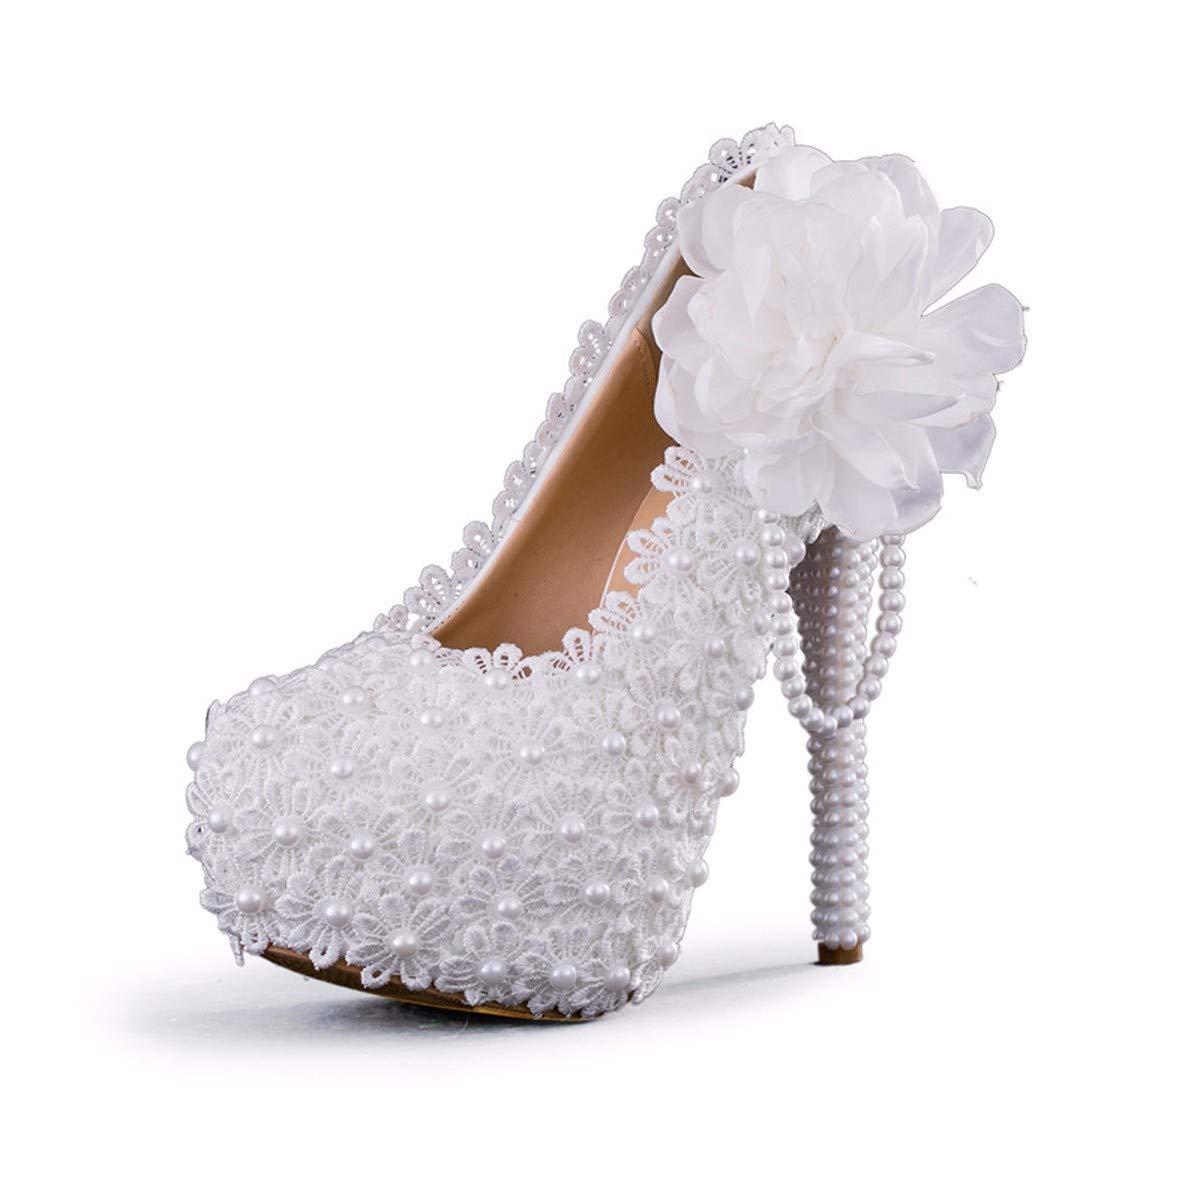 KPHY Damenschuhe/Spitzen Blumen 11Cm High Heels Weiße Brautkleider Bankett Damenschuhe Wasserdicht Tabellen Einzelne Schuhe Braut - Schuhe.